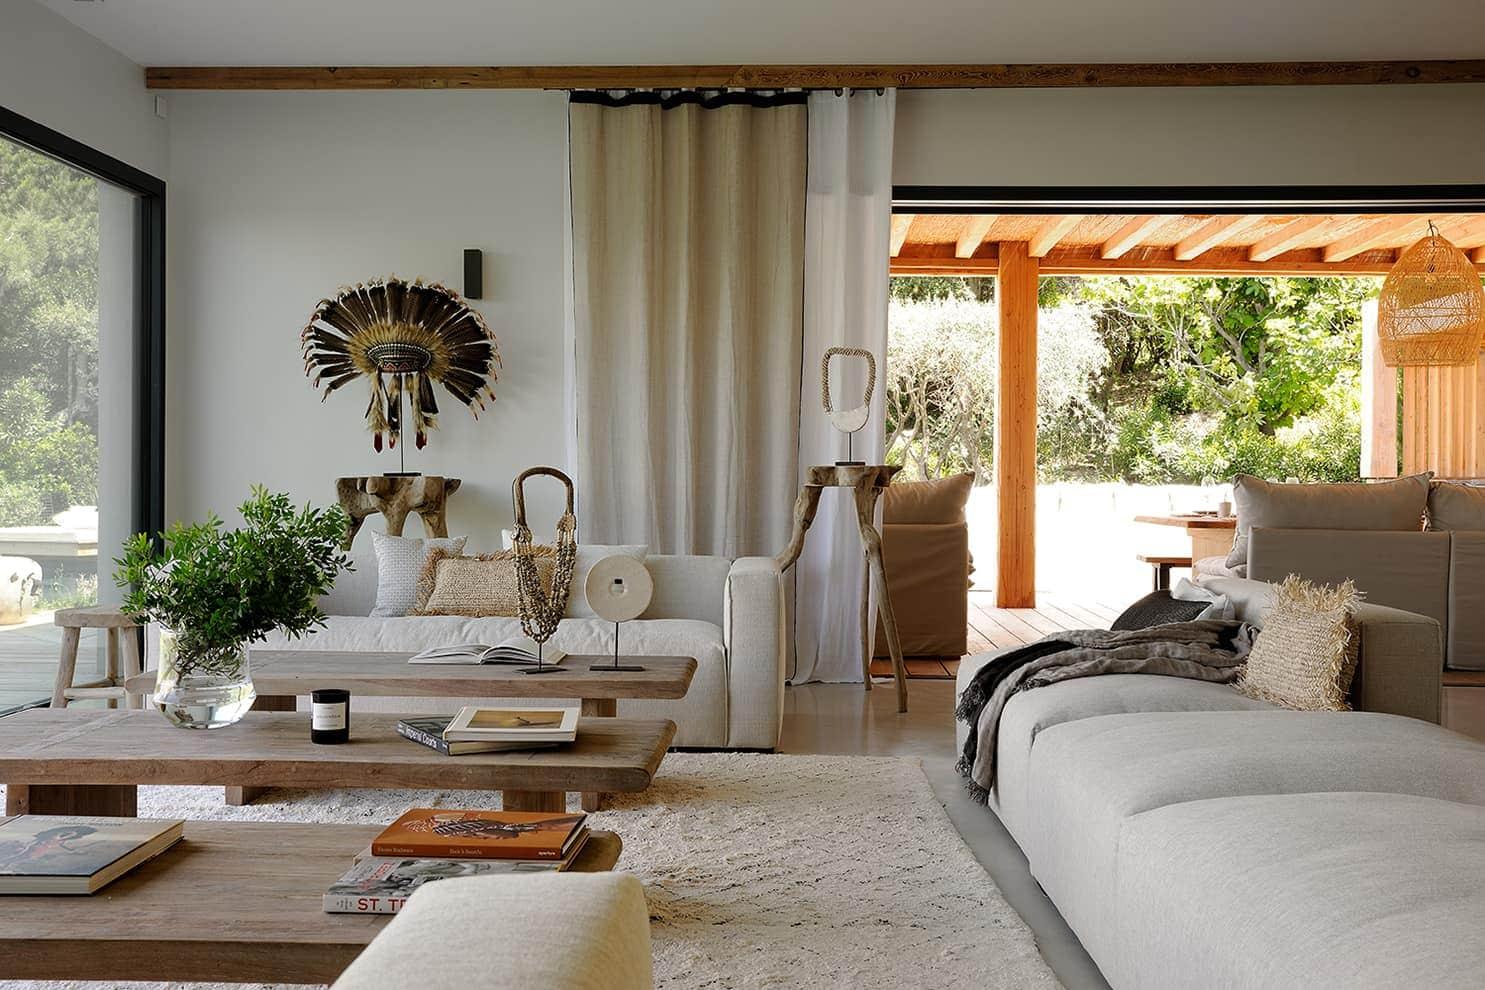 Lieu de connexion, le salon et la salle à manger appuient cette vision du sur-mesure et du style bohème chic tant apprécié par Virginie Bailly